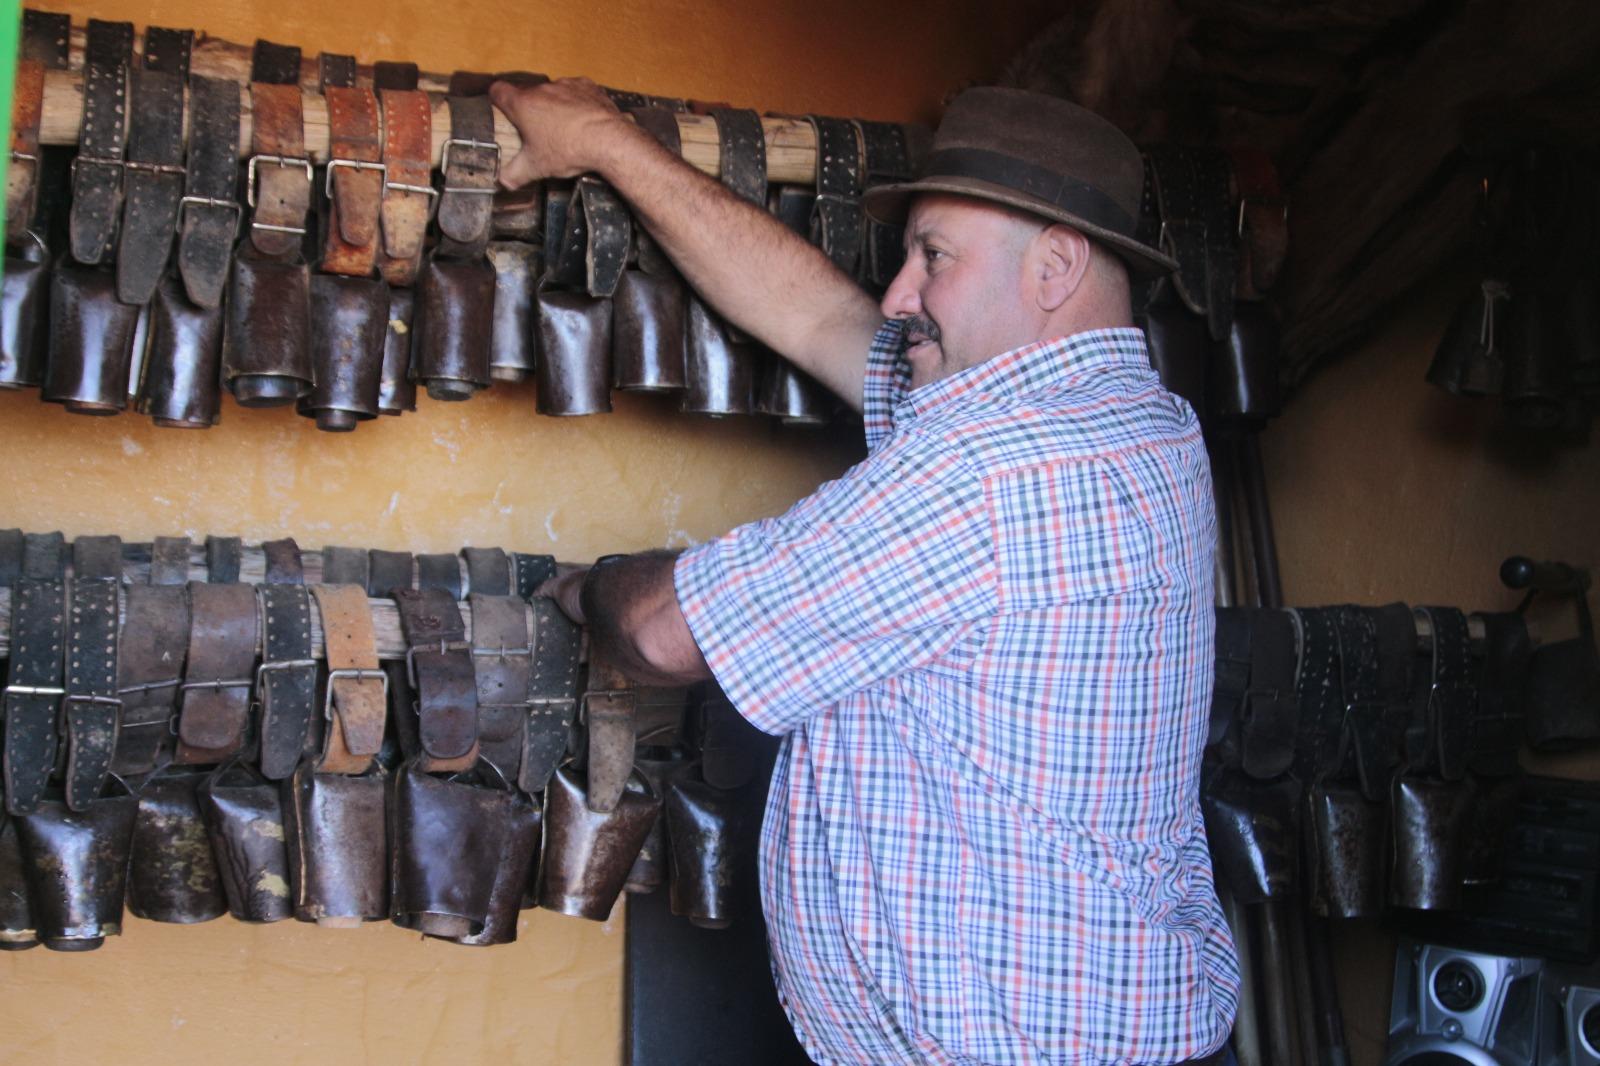 Más de un millar de cencerros, algunos con más de un siglo, conforman una colección única. Foto: Isidoro Jiménez (cedida)